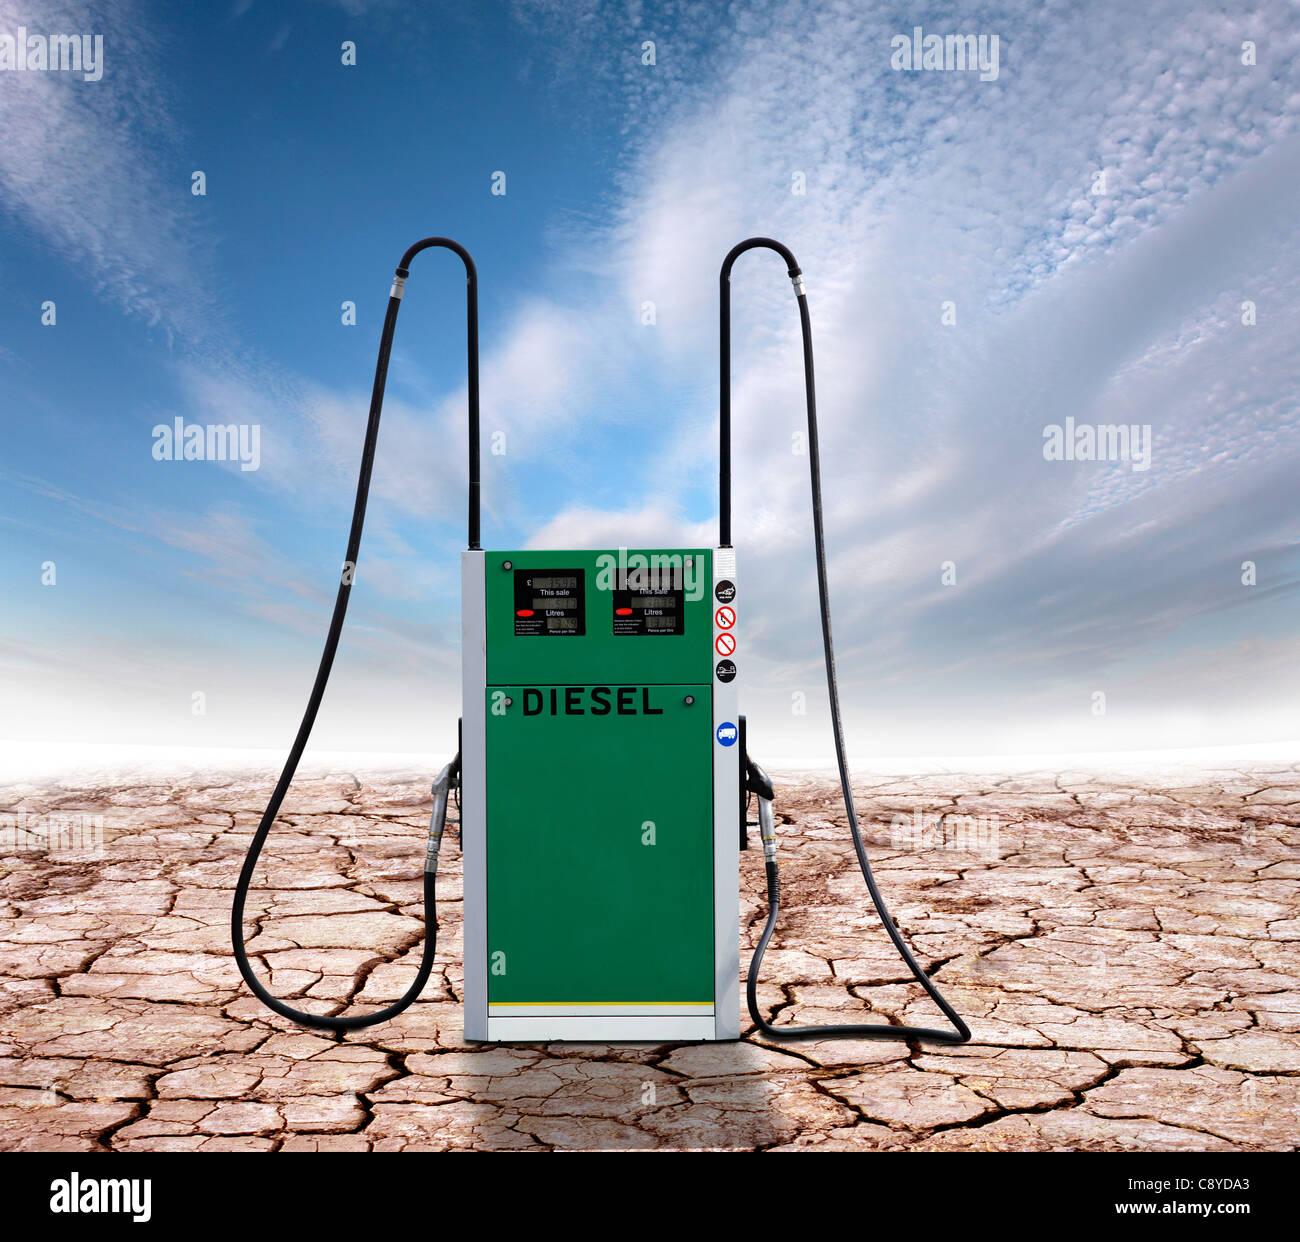 La pompa diesel su una massa rotto lo sfondo che rappresenta il cambiamento climatico dovuto all'uso di combustibili Immagini Stock